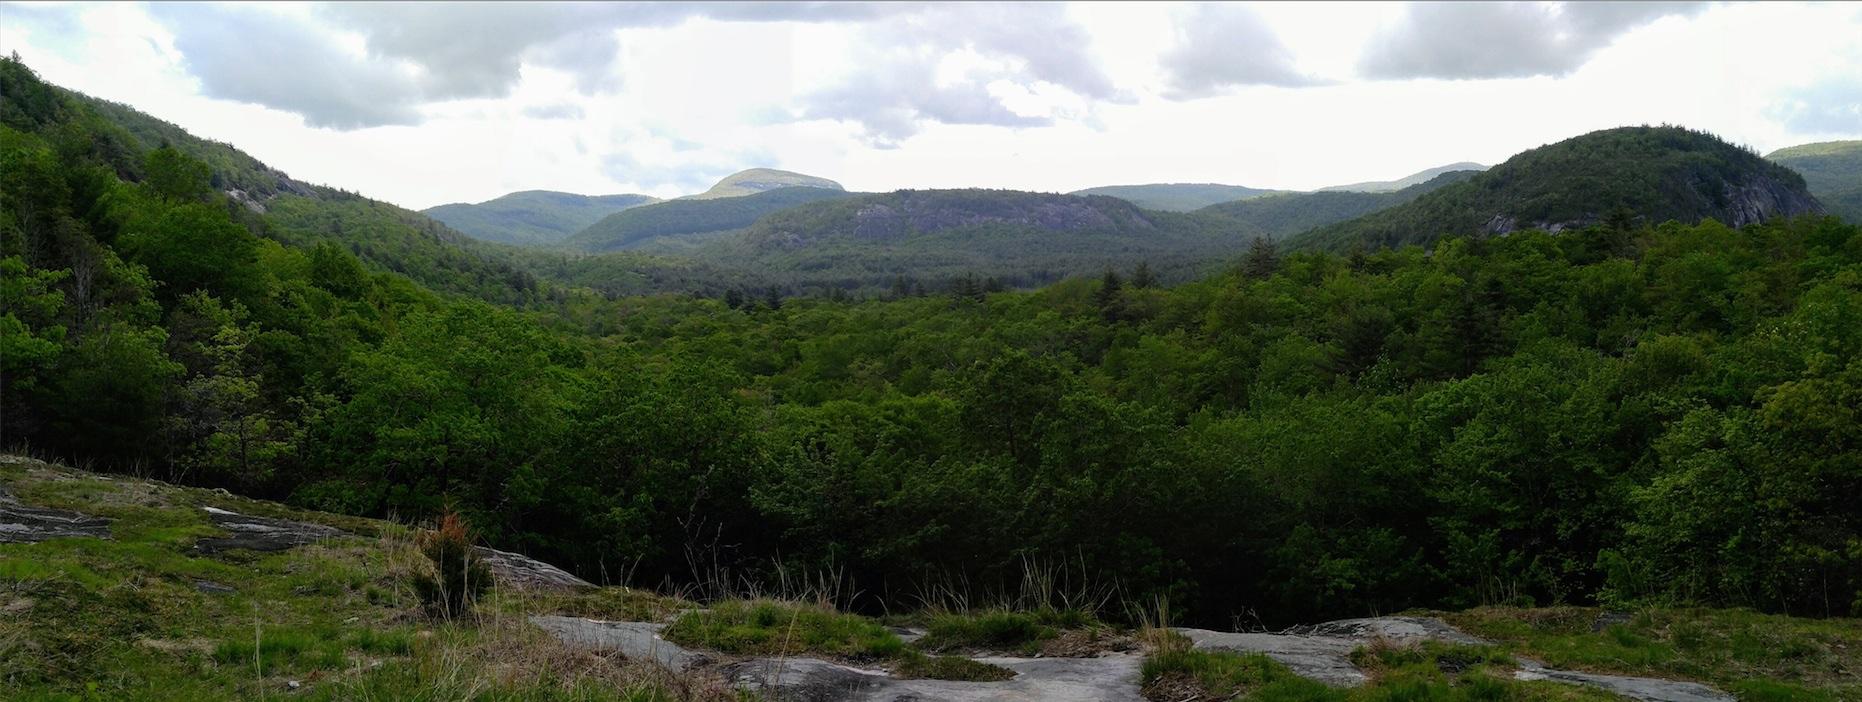 Panorama from Salt Rock